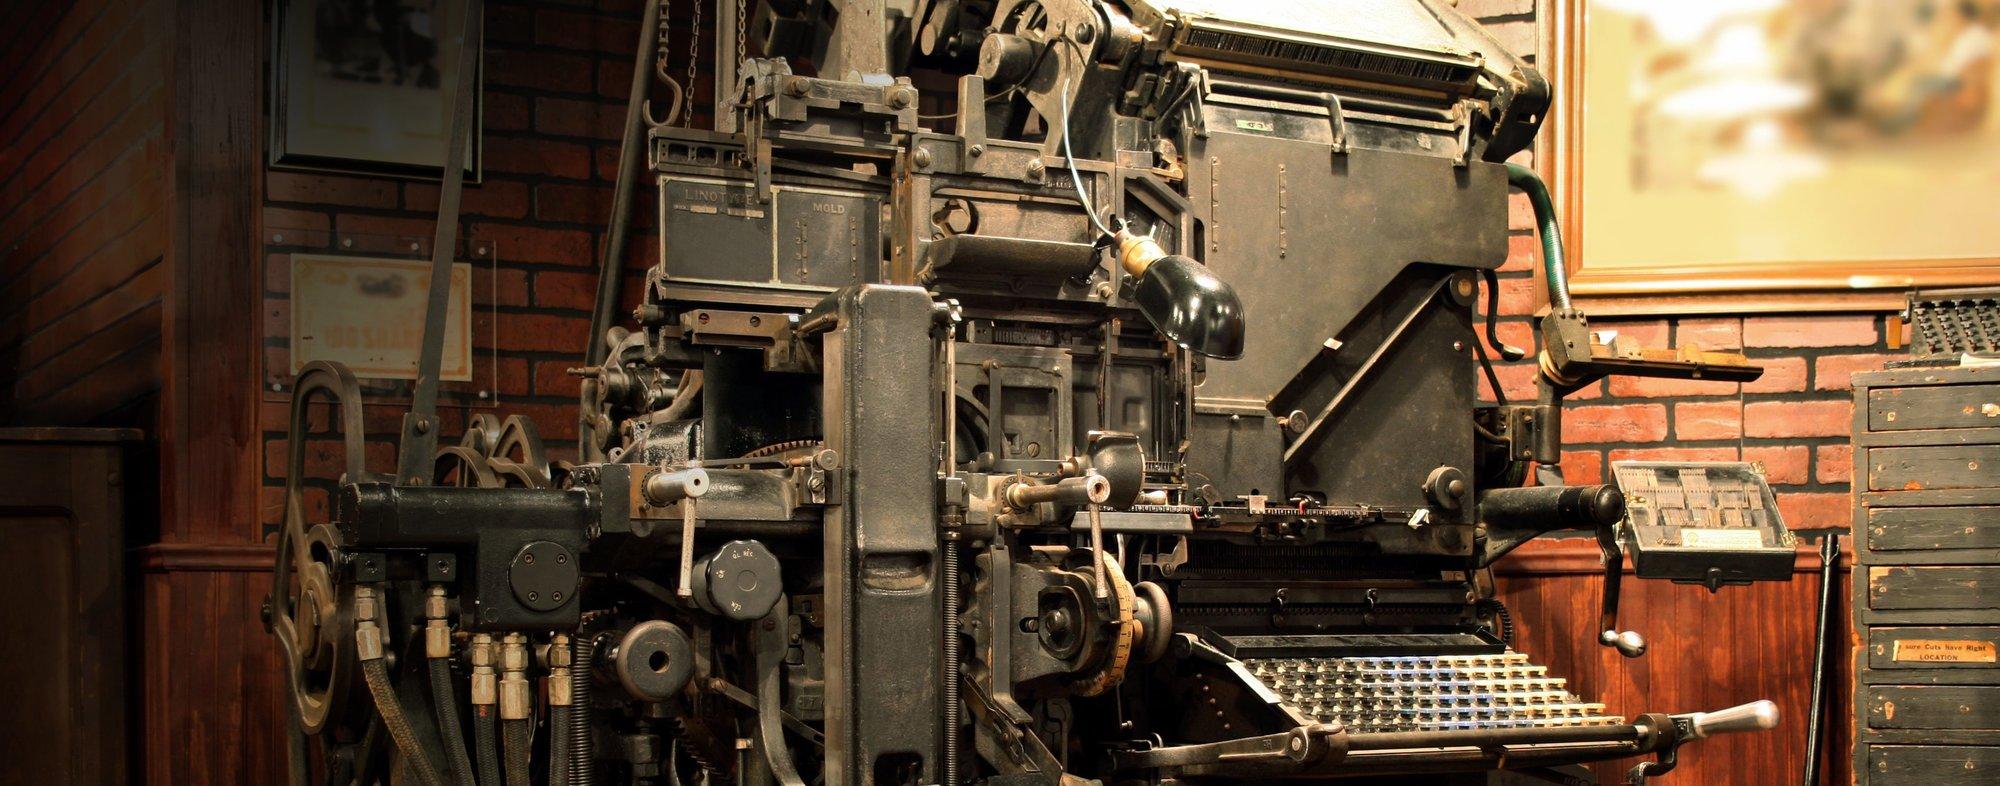 revamping-machines